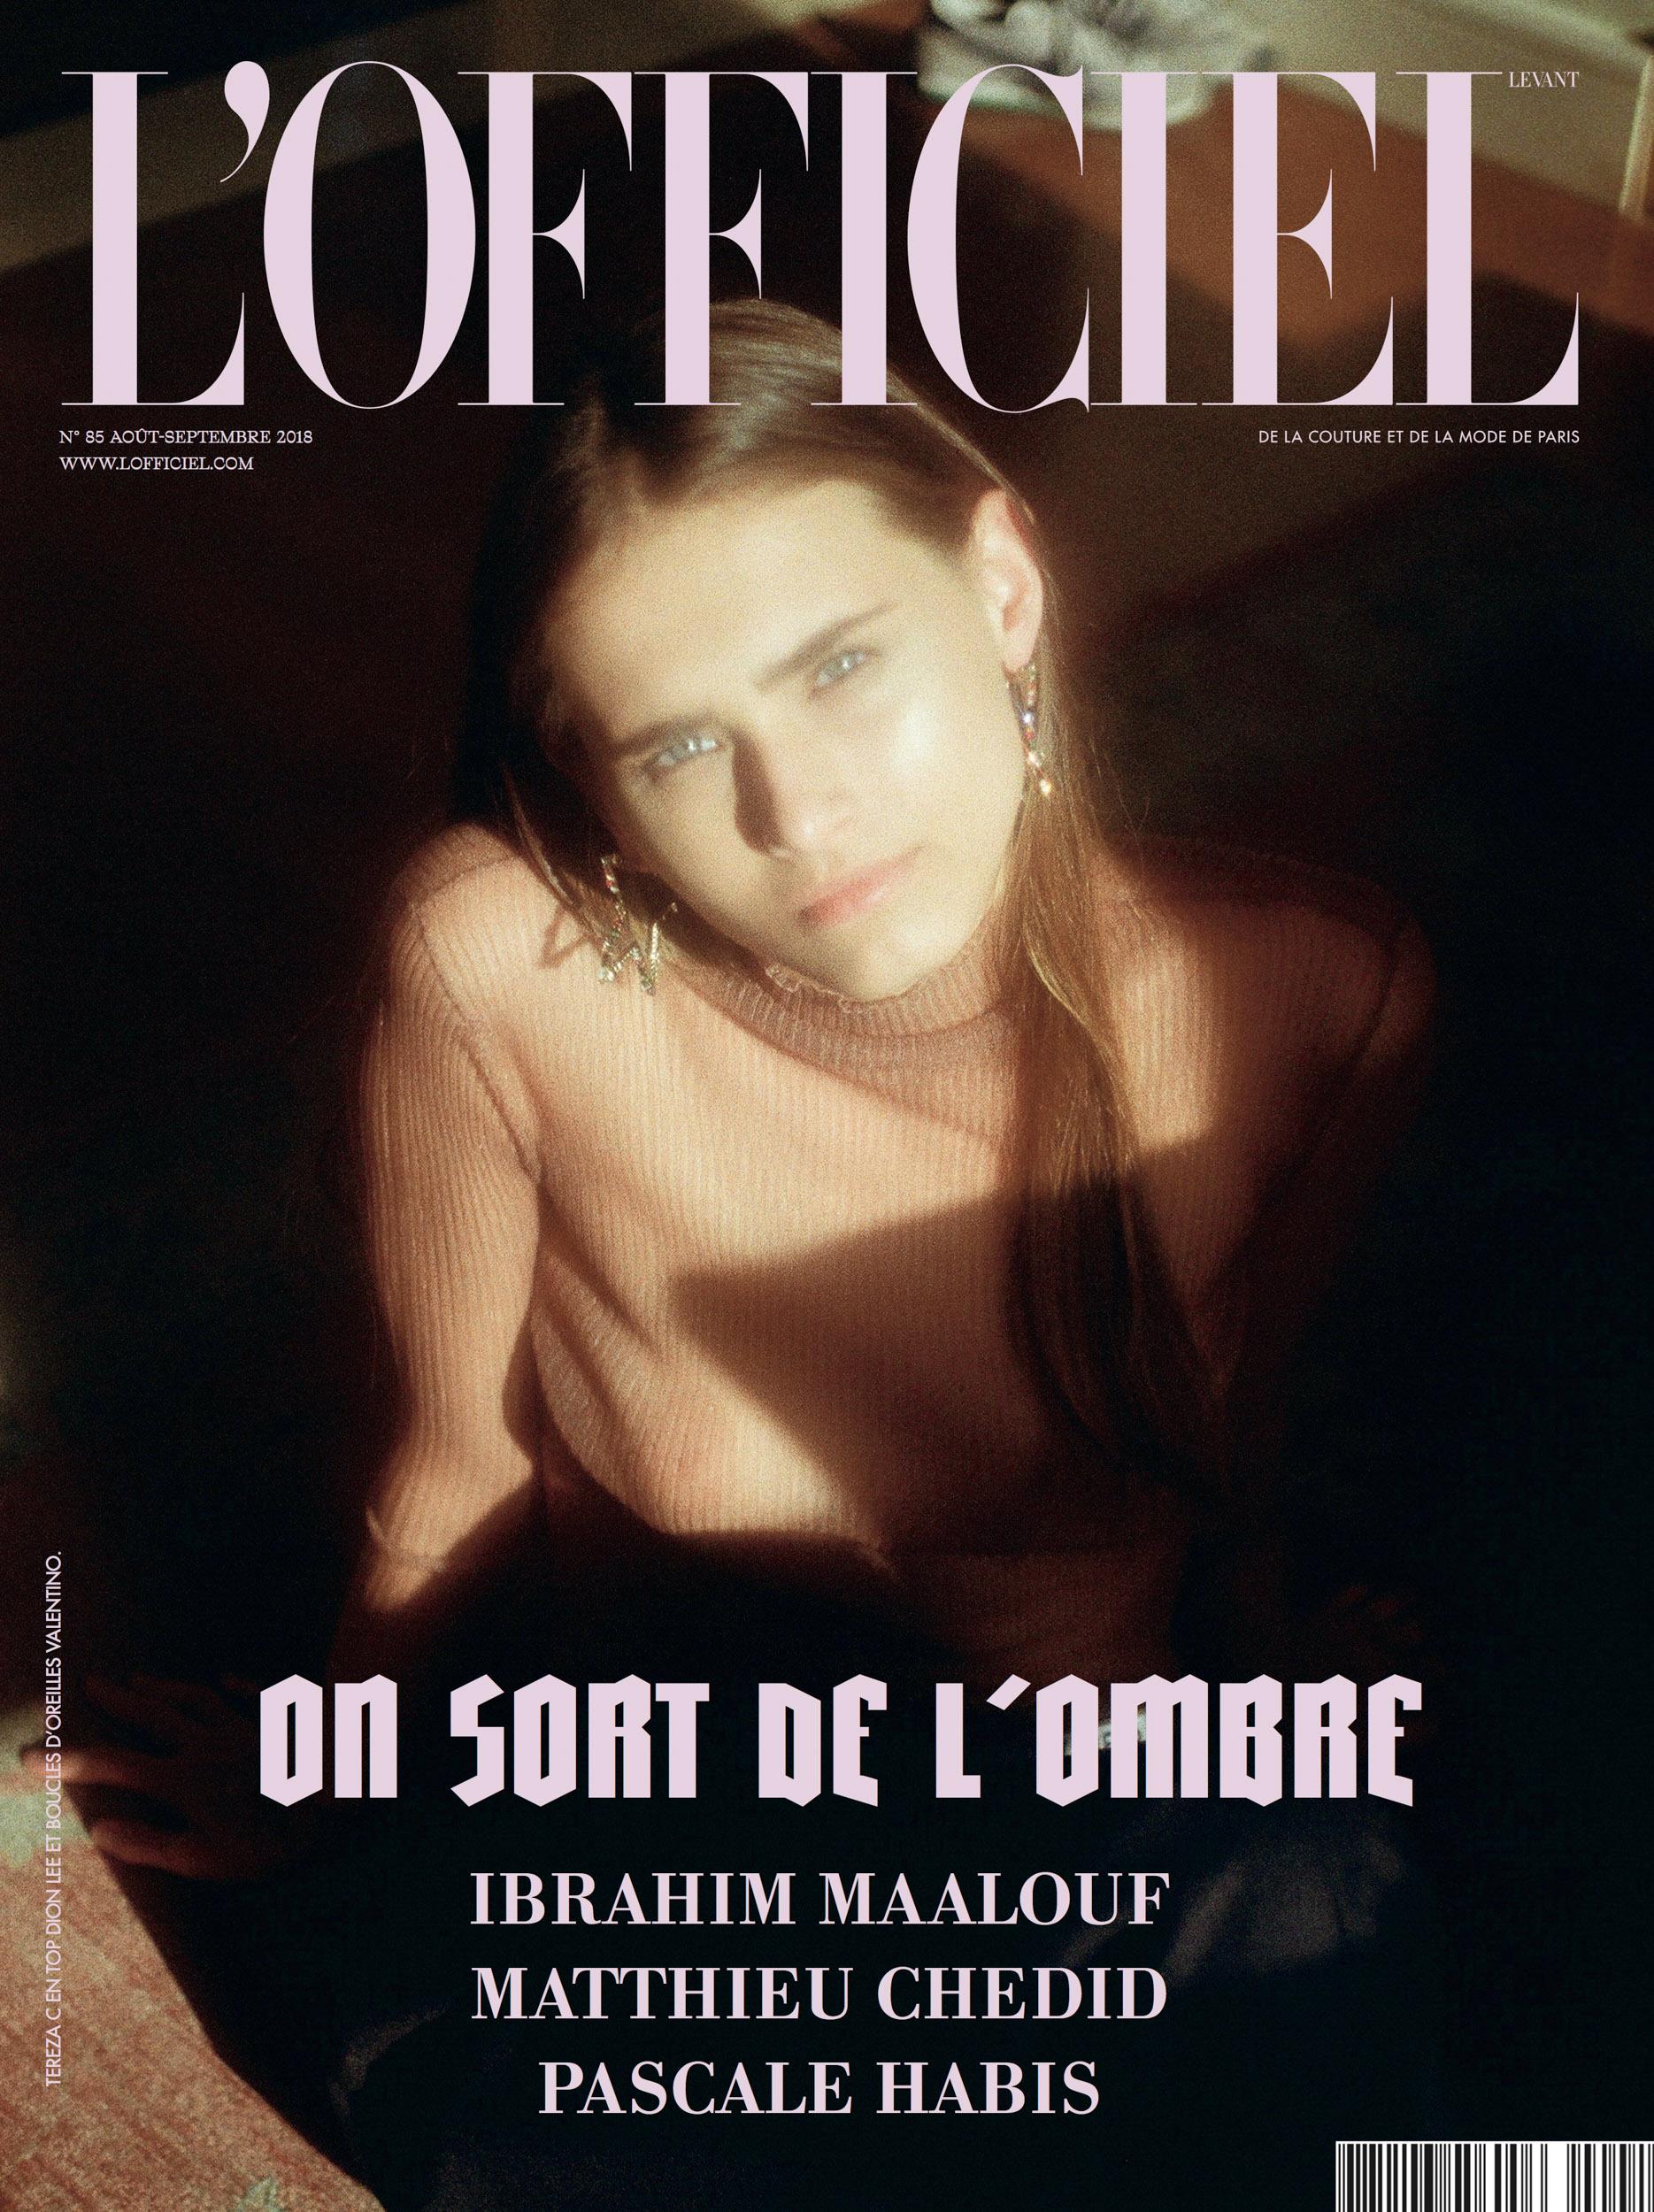 L'Officiel | Cover Story (Aug/Sep '18)